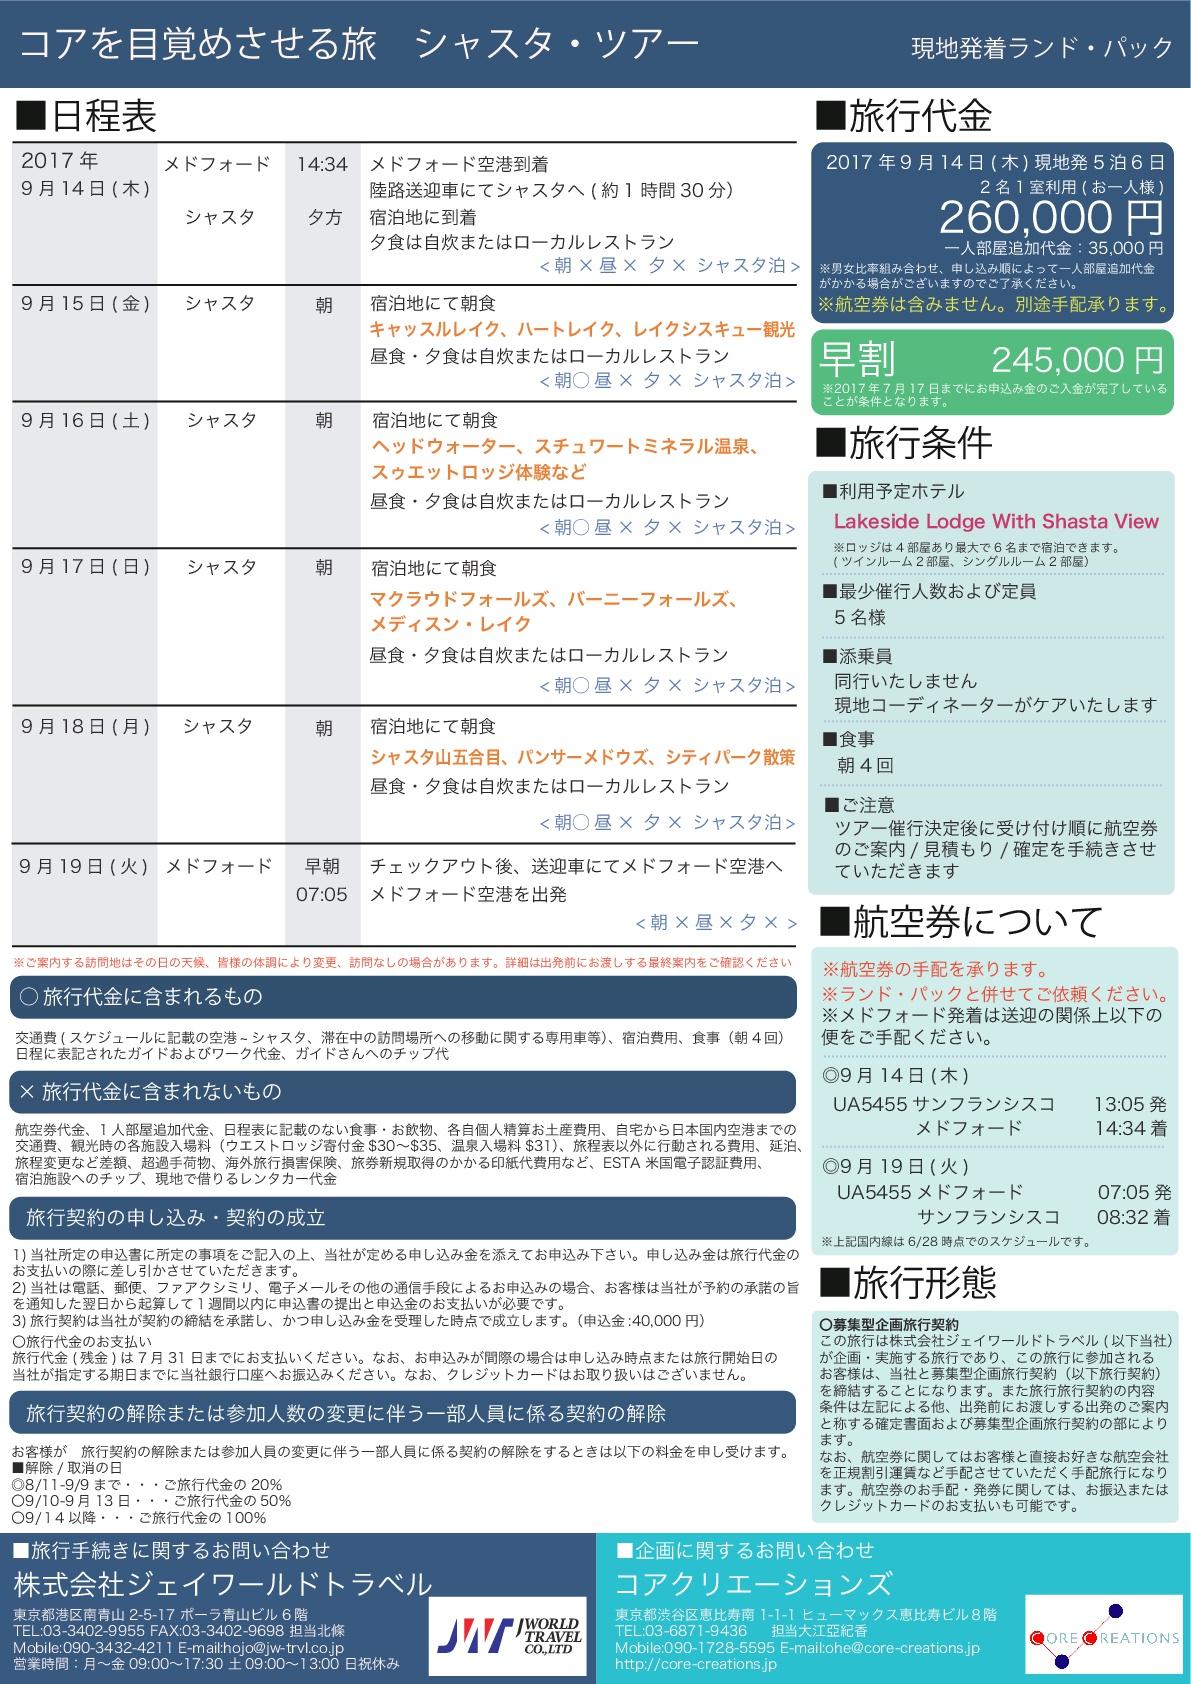 シャスタツアー裏2017-001